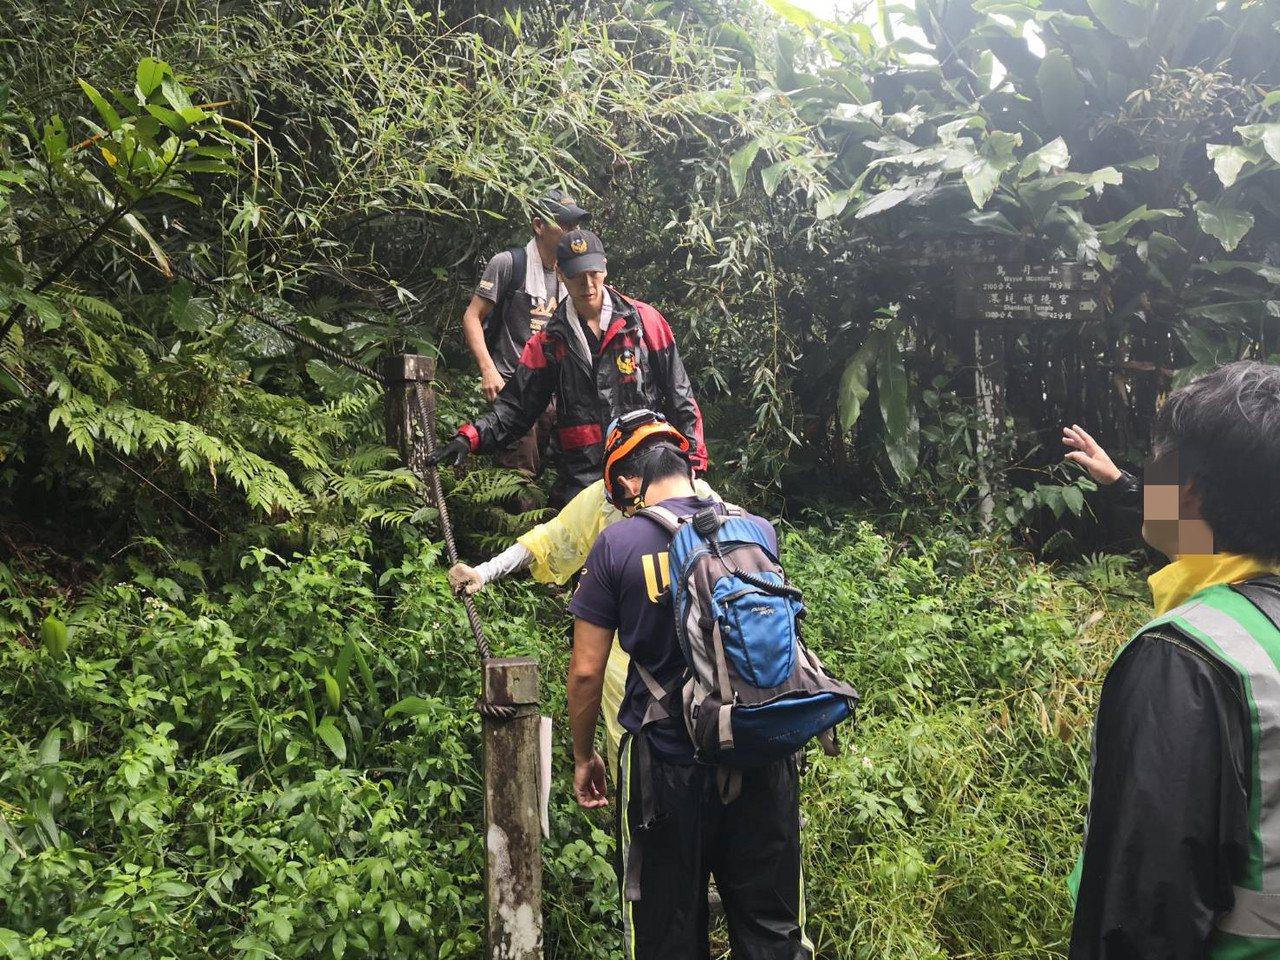 25名登山客組成的登山團今上午前往筆架連峰登山,卻不幸遇到中暑、雷擊等意外,造成...